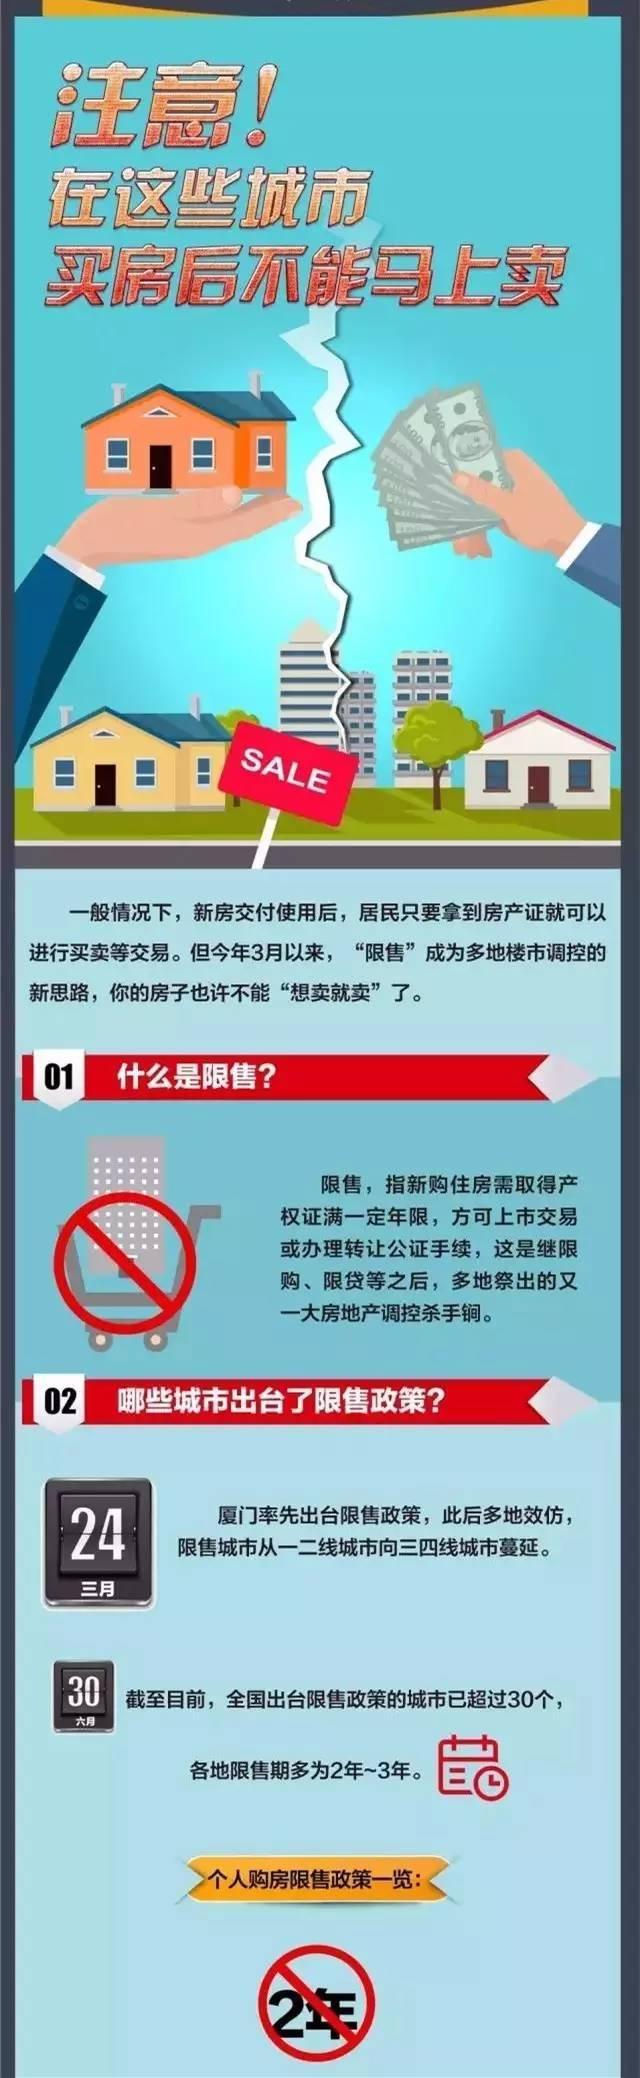 注意!在这些城市,买房后不能马上卖!